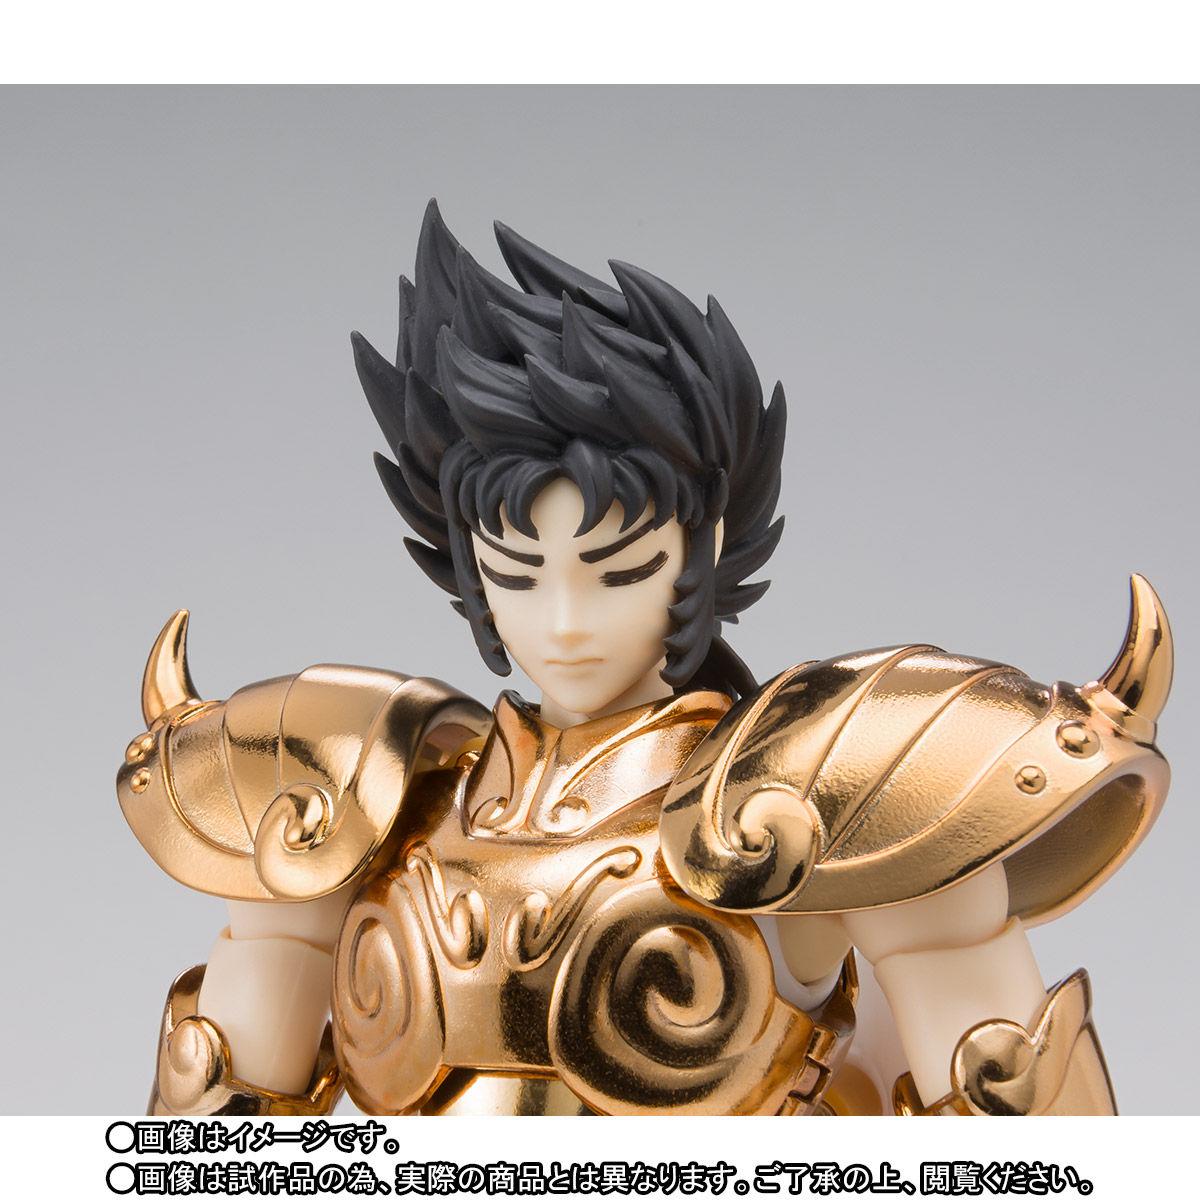 【限定販売】聖闘士聖衣神話EX『カプリコーンシュラ ~ORIGINAL COLOR EDITION~』可動フィギュア-006